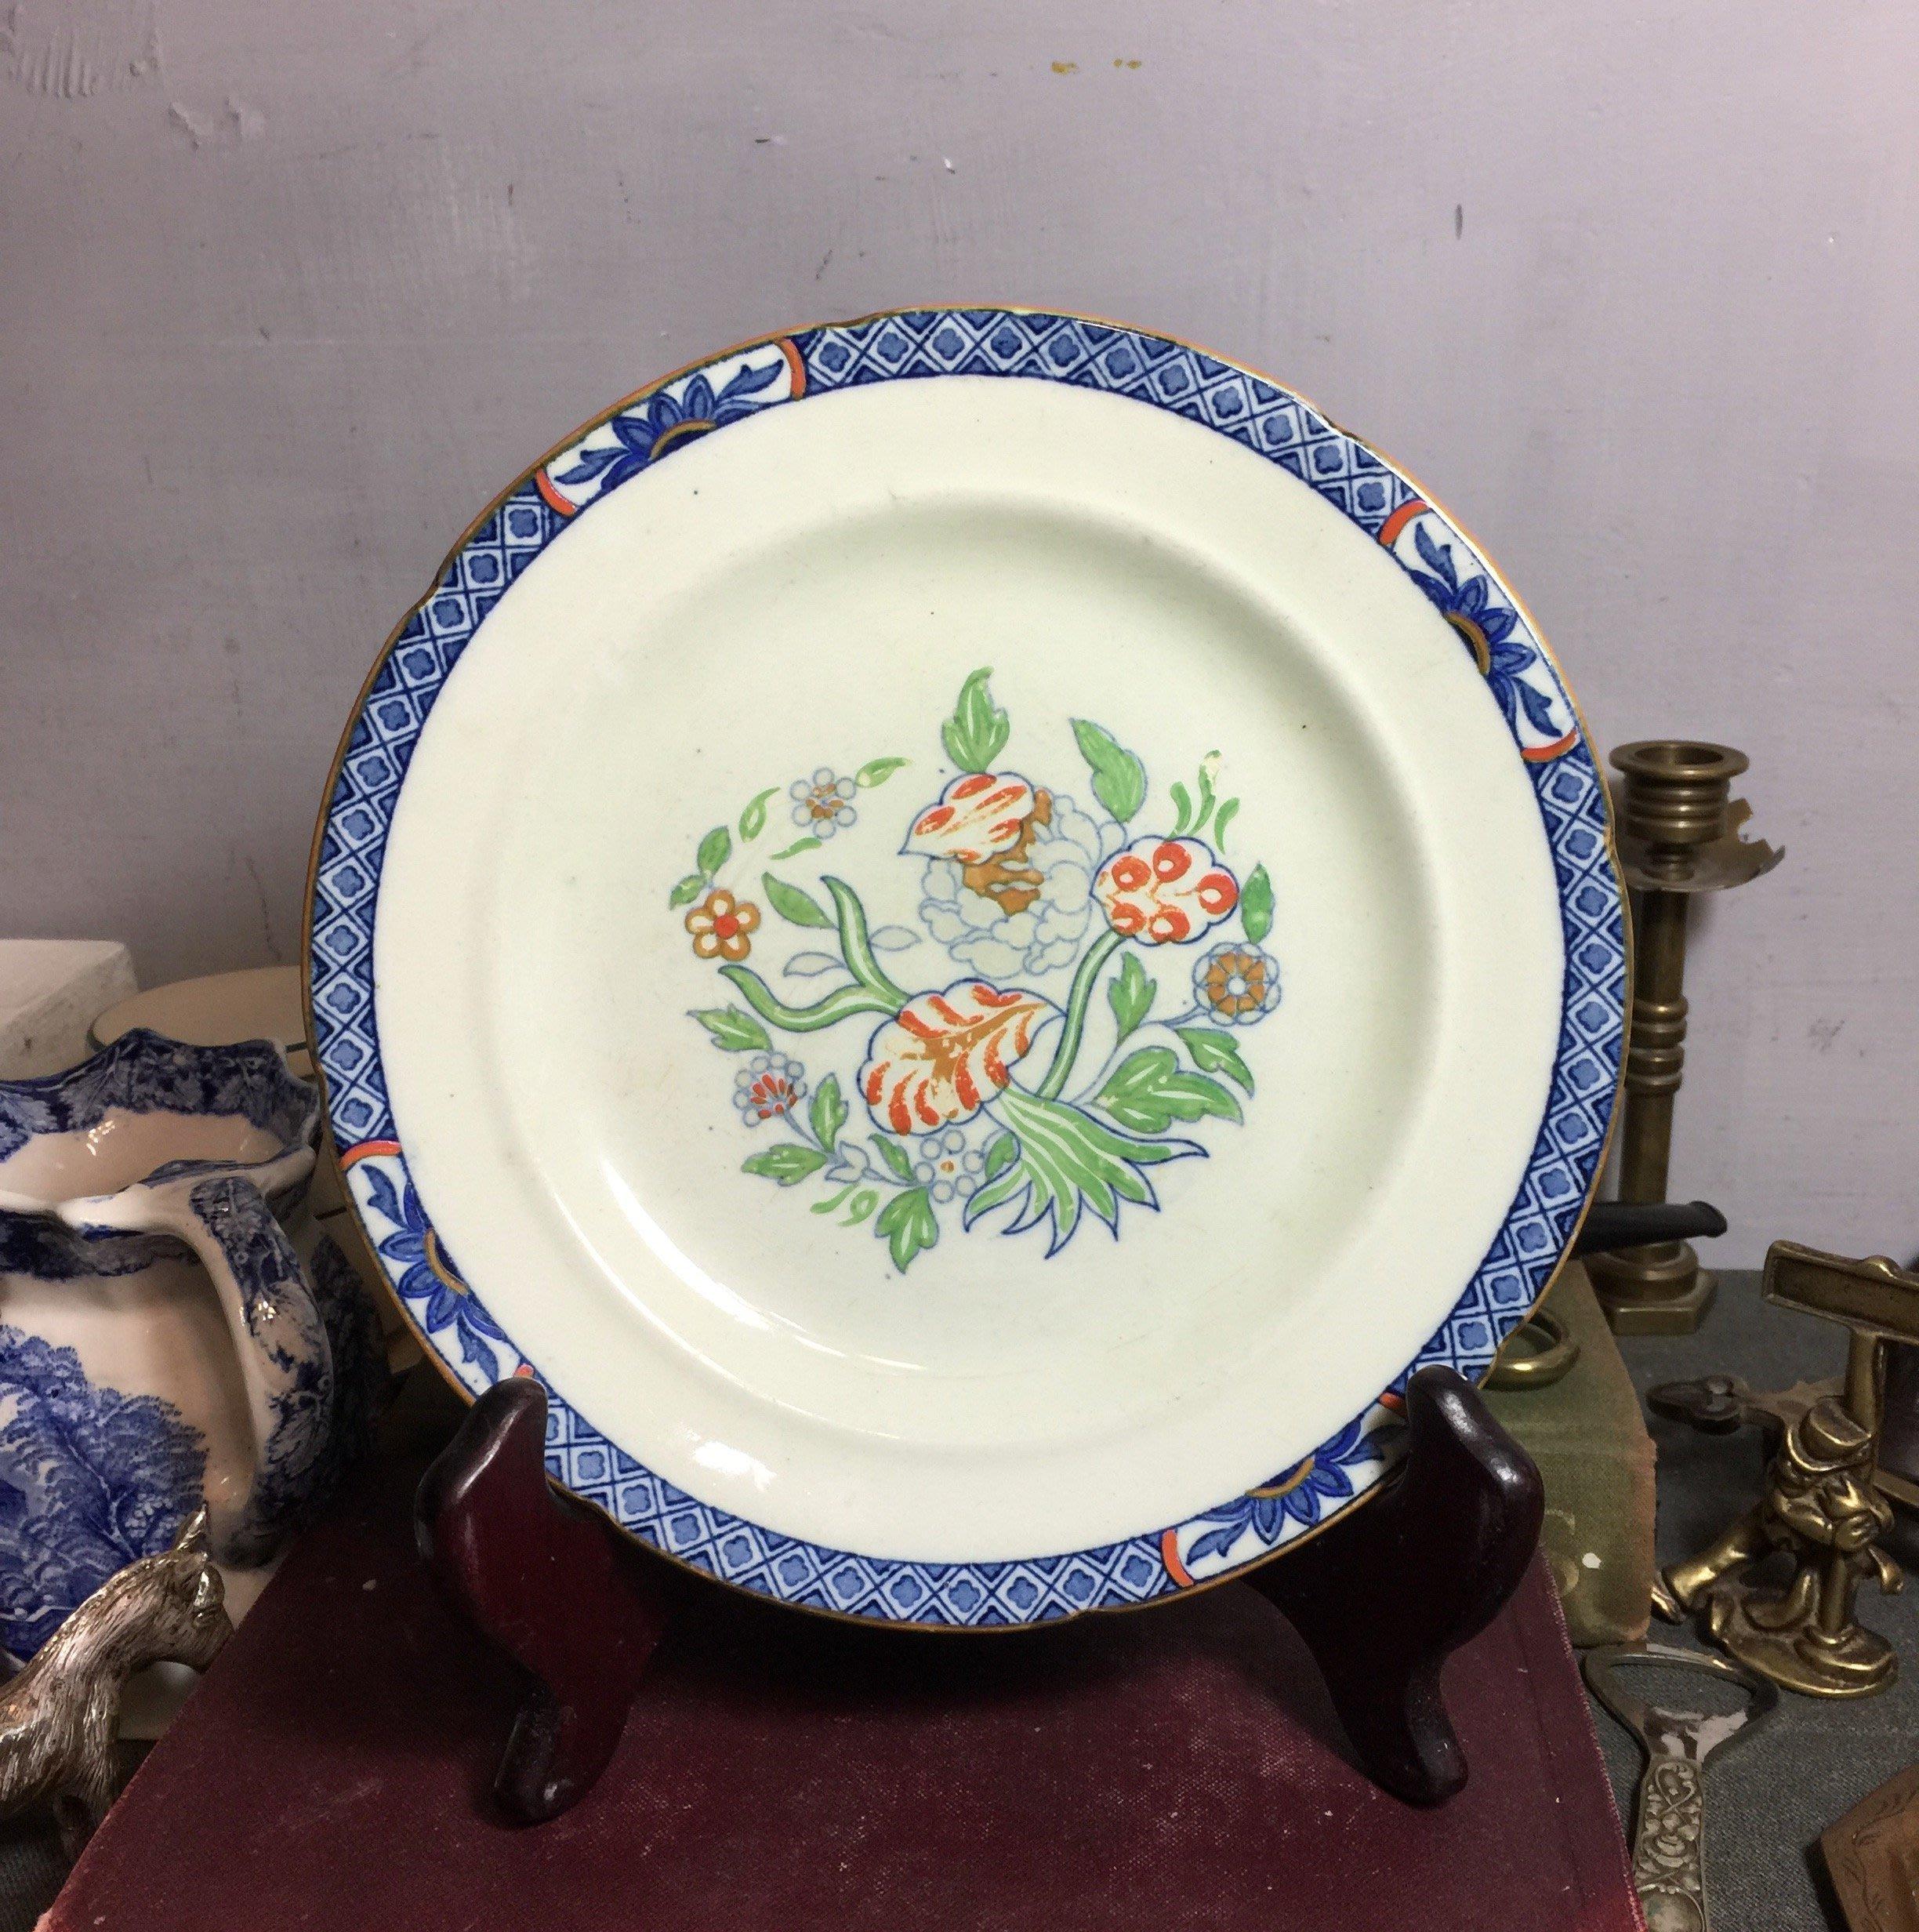 白明月藝術/古物雜貨店  英國老瓷盤